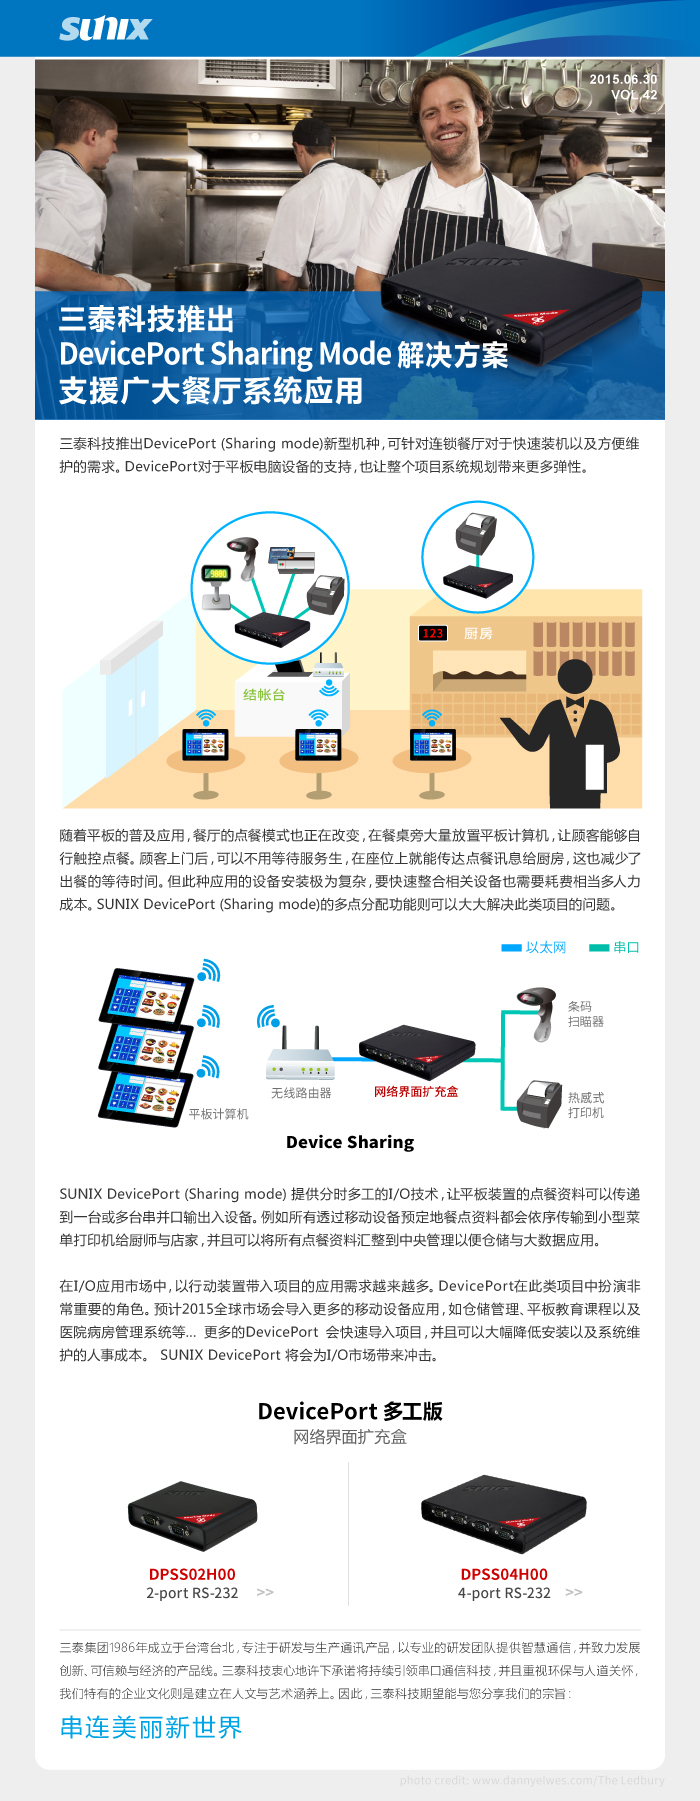 三泰科技推出DevicePort (Sharing mode)新型机种,可针对连锁餐厅对于快速装机以及方便维护的需求。DevicePort对于平板电脑设备的支持,也让整个项目系统规划带来更多弹性。  随着平板的普及应用,餐厅的点餐模式也正在改变,在餐桌旁大量放置平板计算机,让顾客能够自行触控点餐。顾客上门后,可以不用等待服务生,在座位上就能传达点餐讯息给厨房,这也减少了出餐的等待时间。但此种应用的设备安装极为复杂,要快速整合相关设备也需要耗费相当多人力成本。Sunix DevicePort (Sharing mode)的多点分配功能则可以大大解决此类项目的问题。